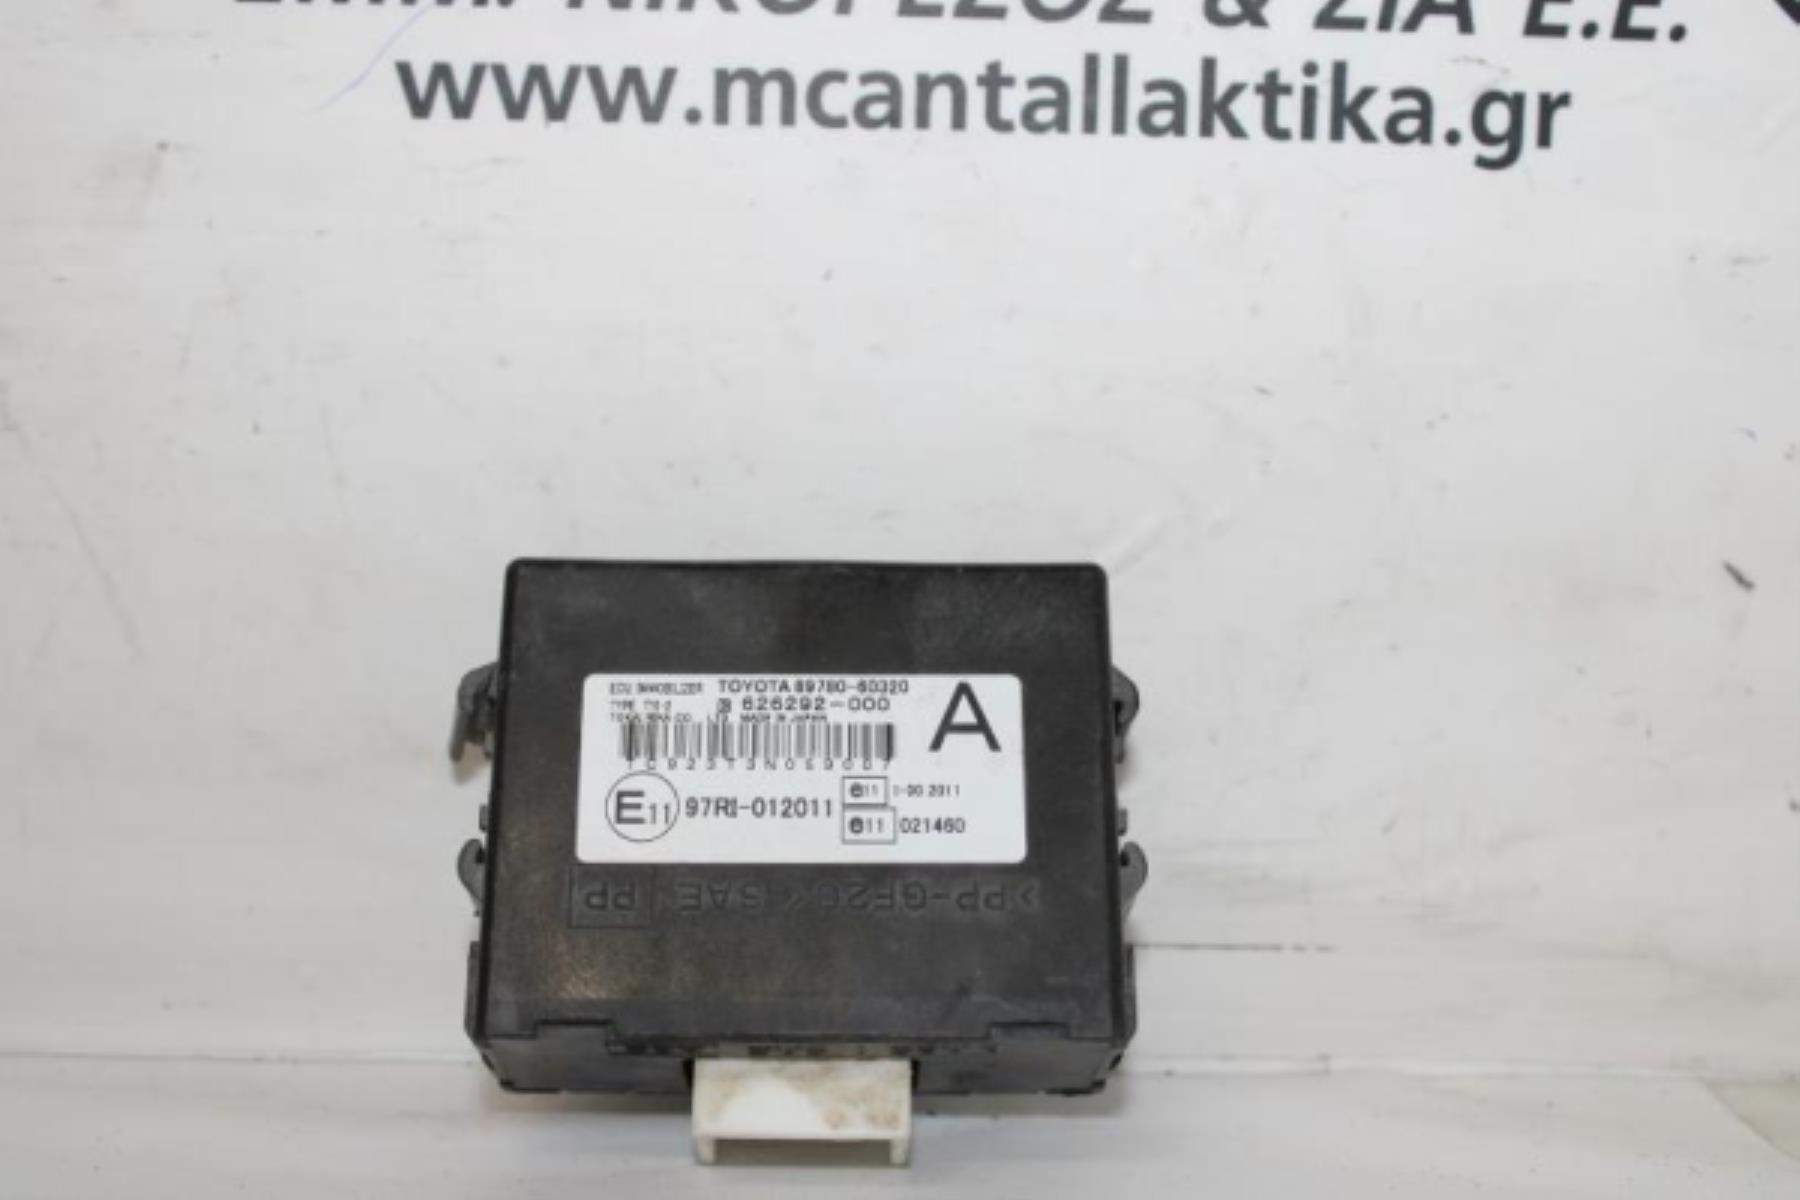 Εικόνα από Πλακέτα  TOYOTA LAND CRUISER (2003-2010)  89780-60320   immobilizer